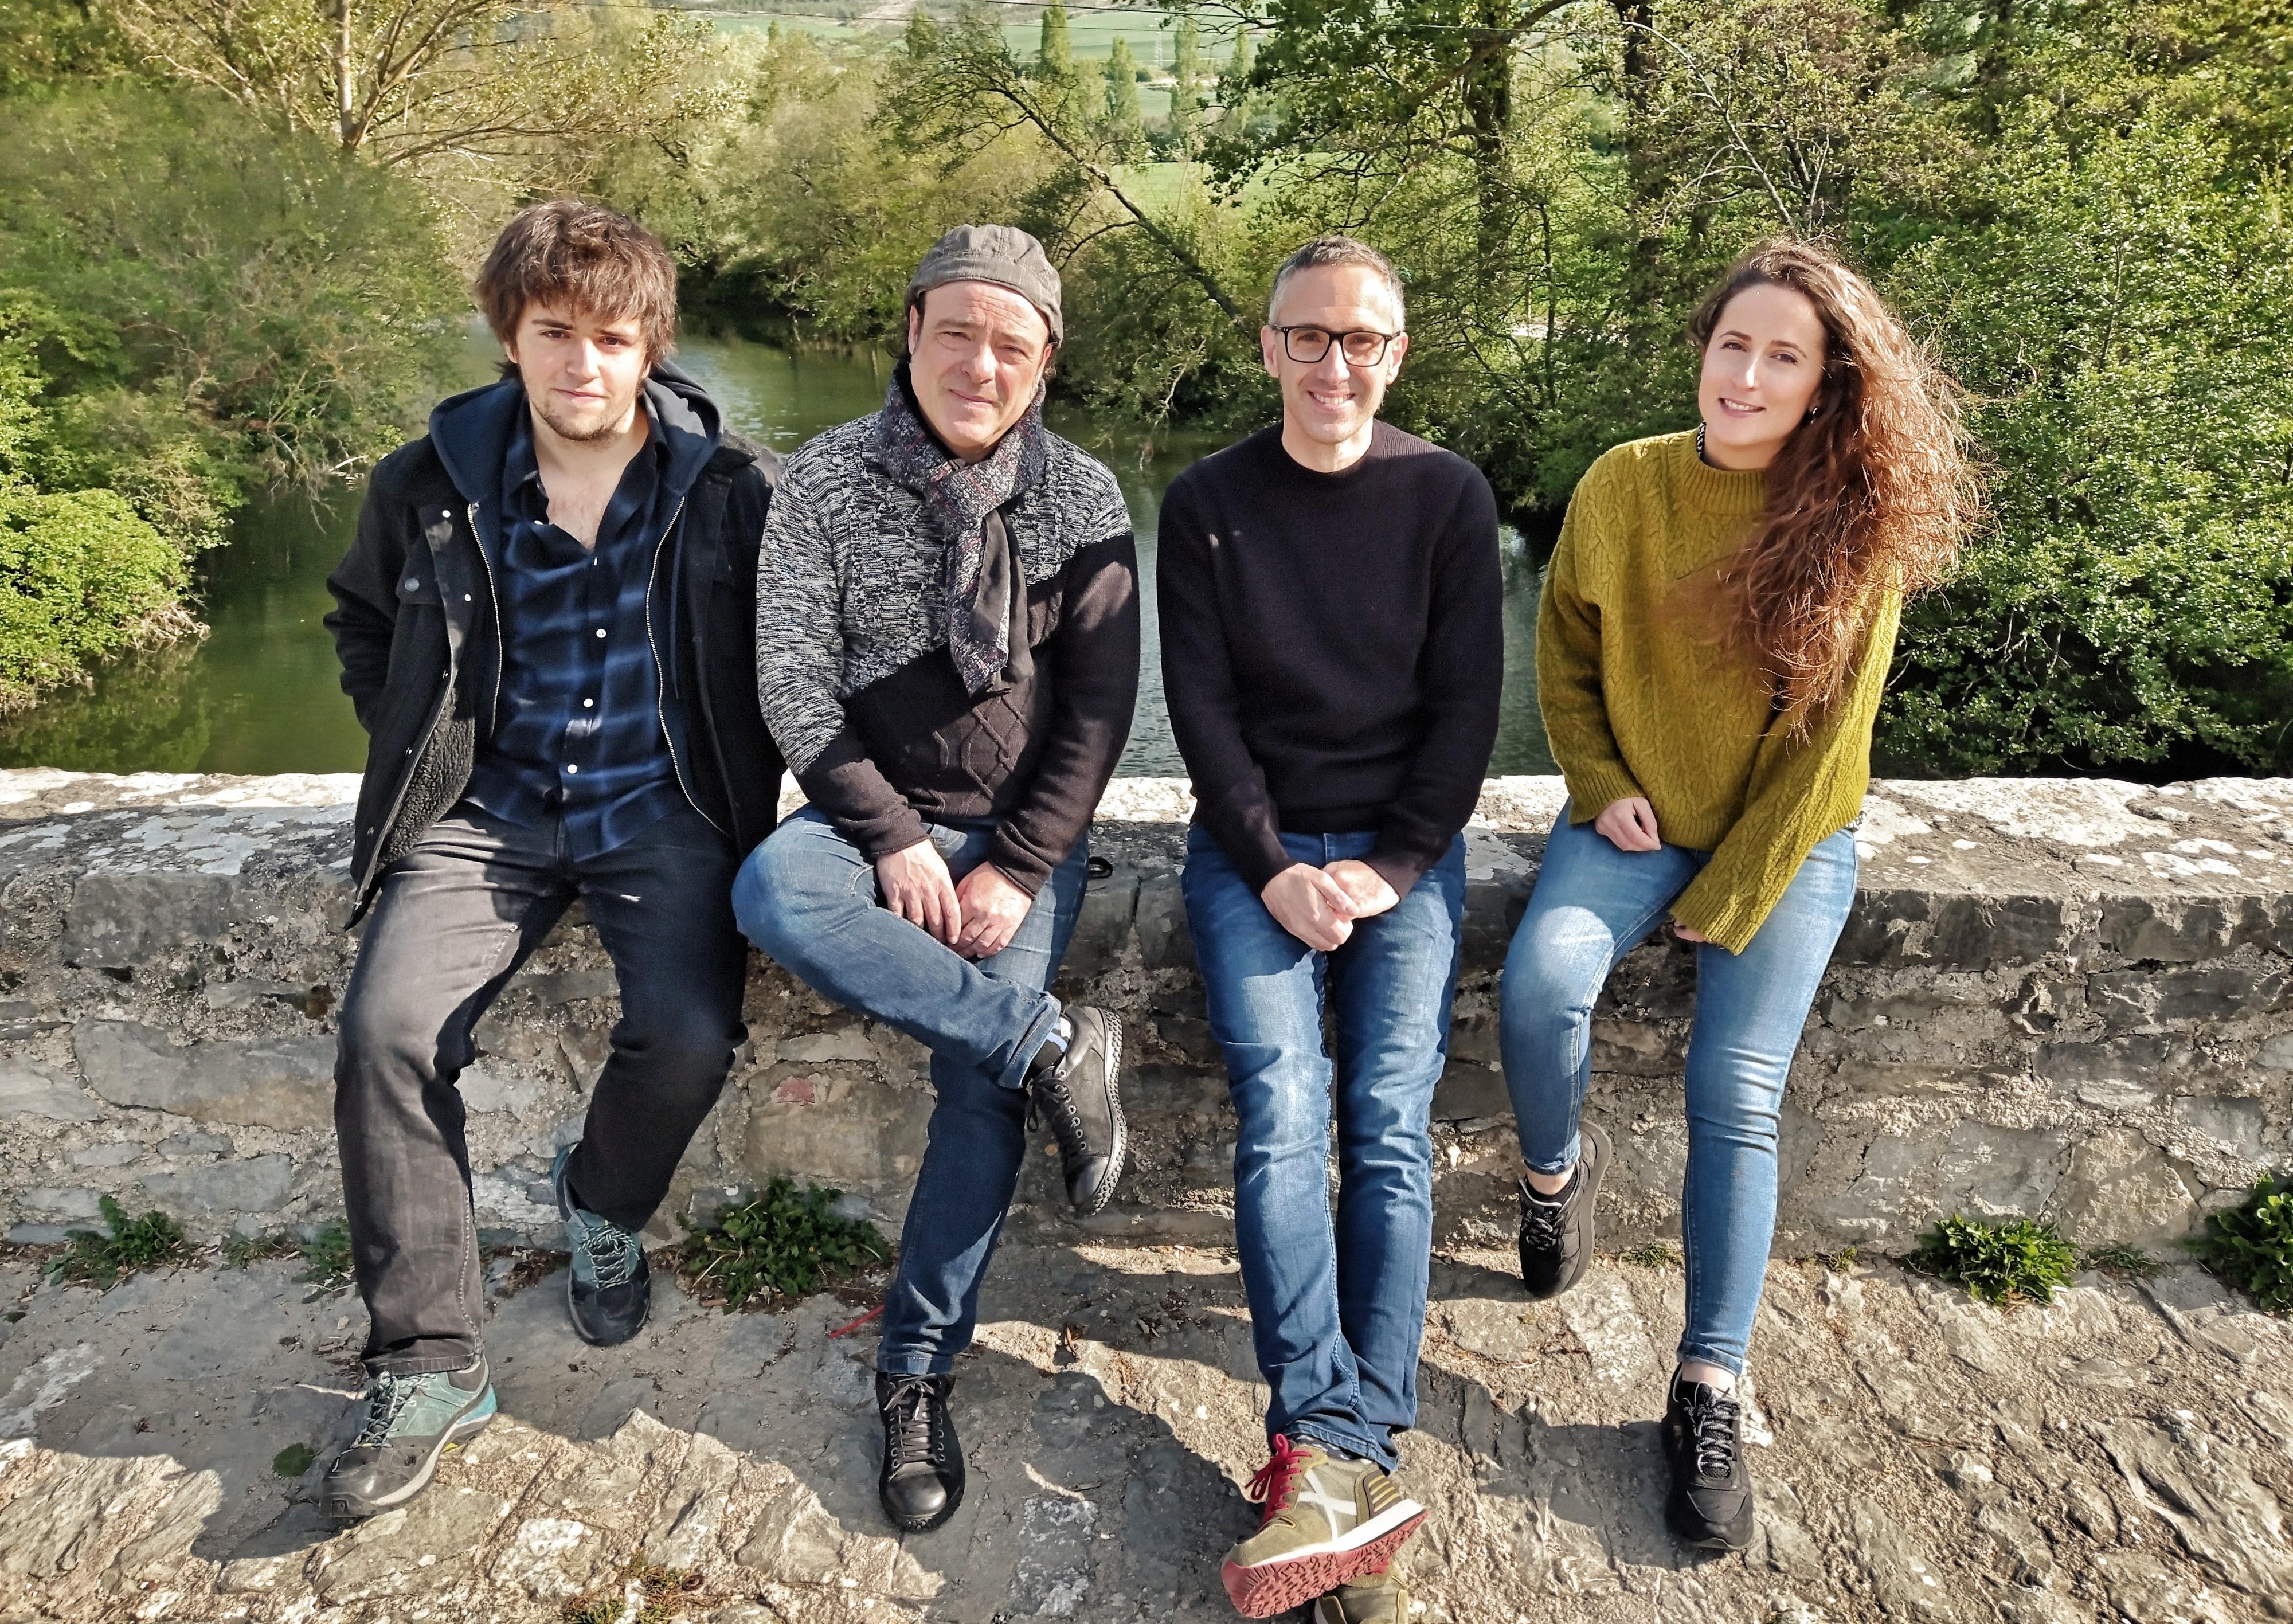 La banda Hogei Berriro actúa mañana en Bera.